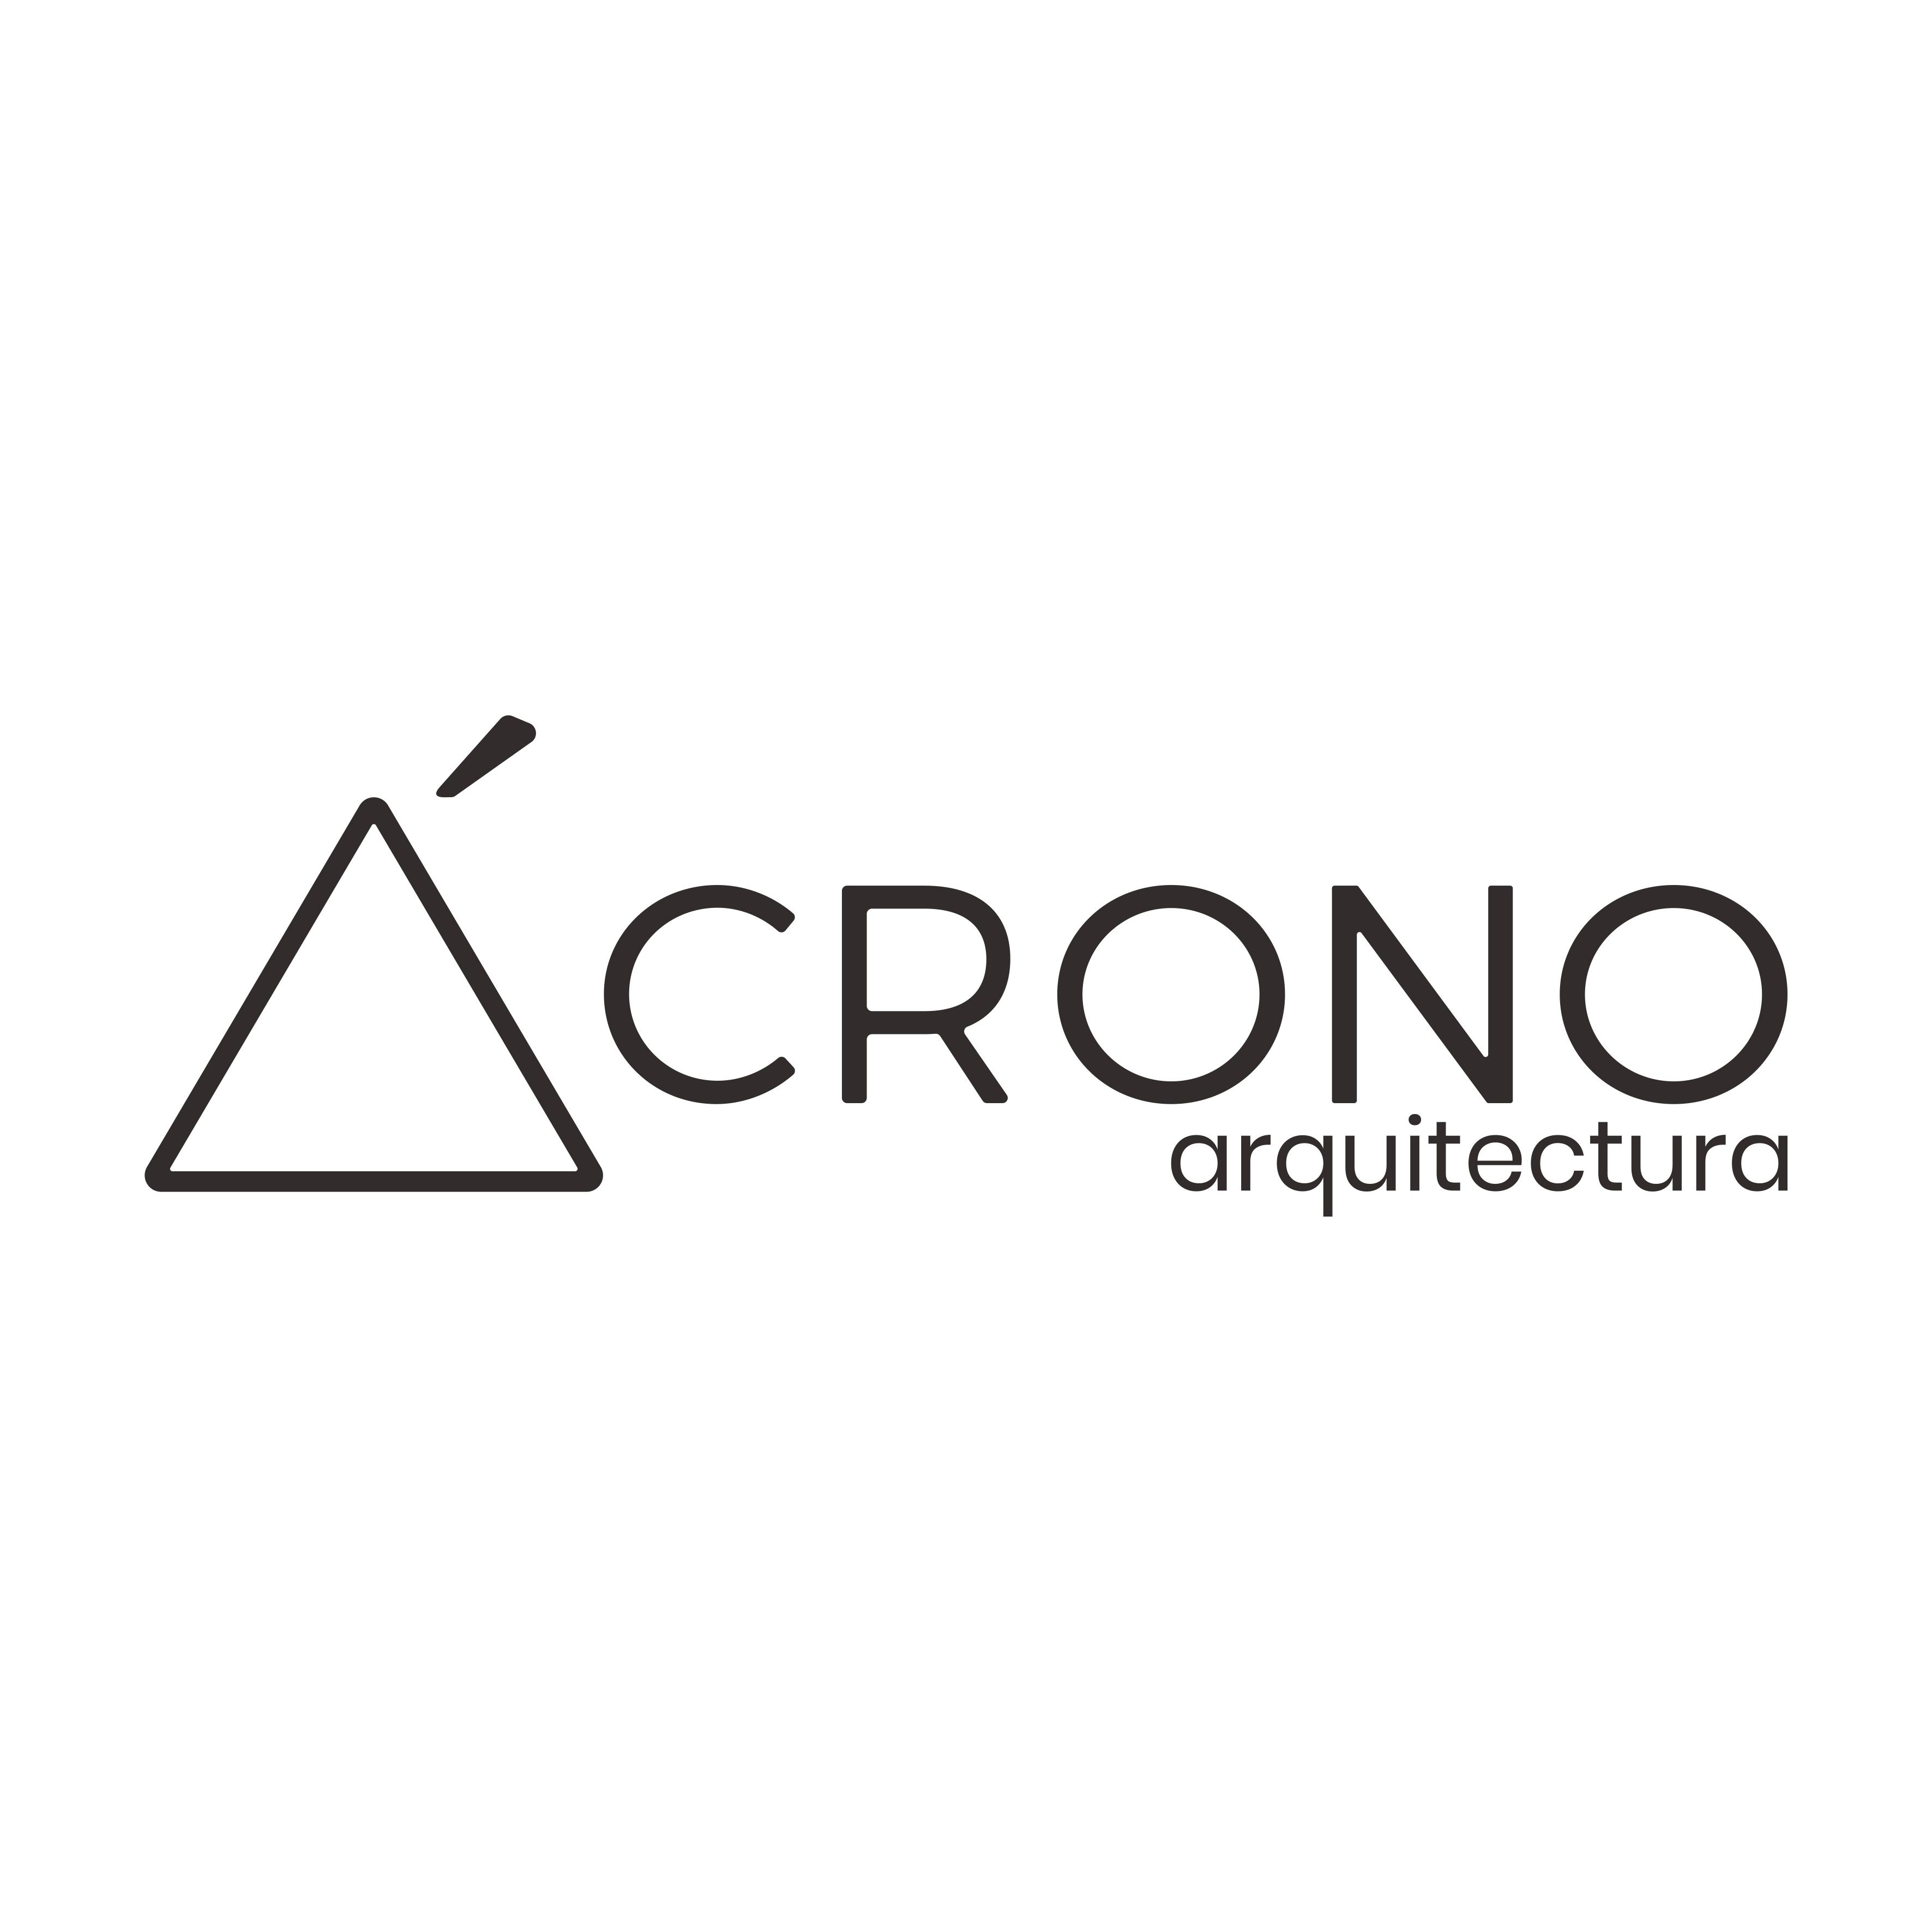 Ácrono Arquitectura